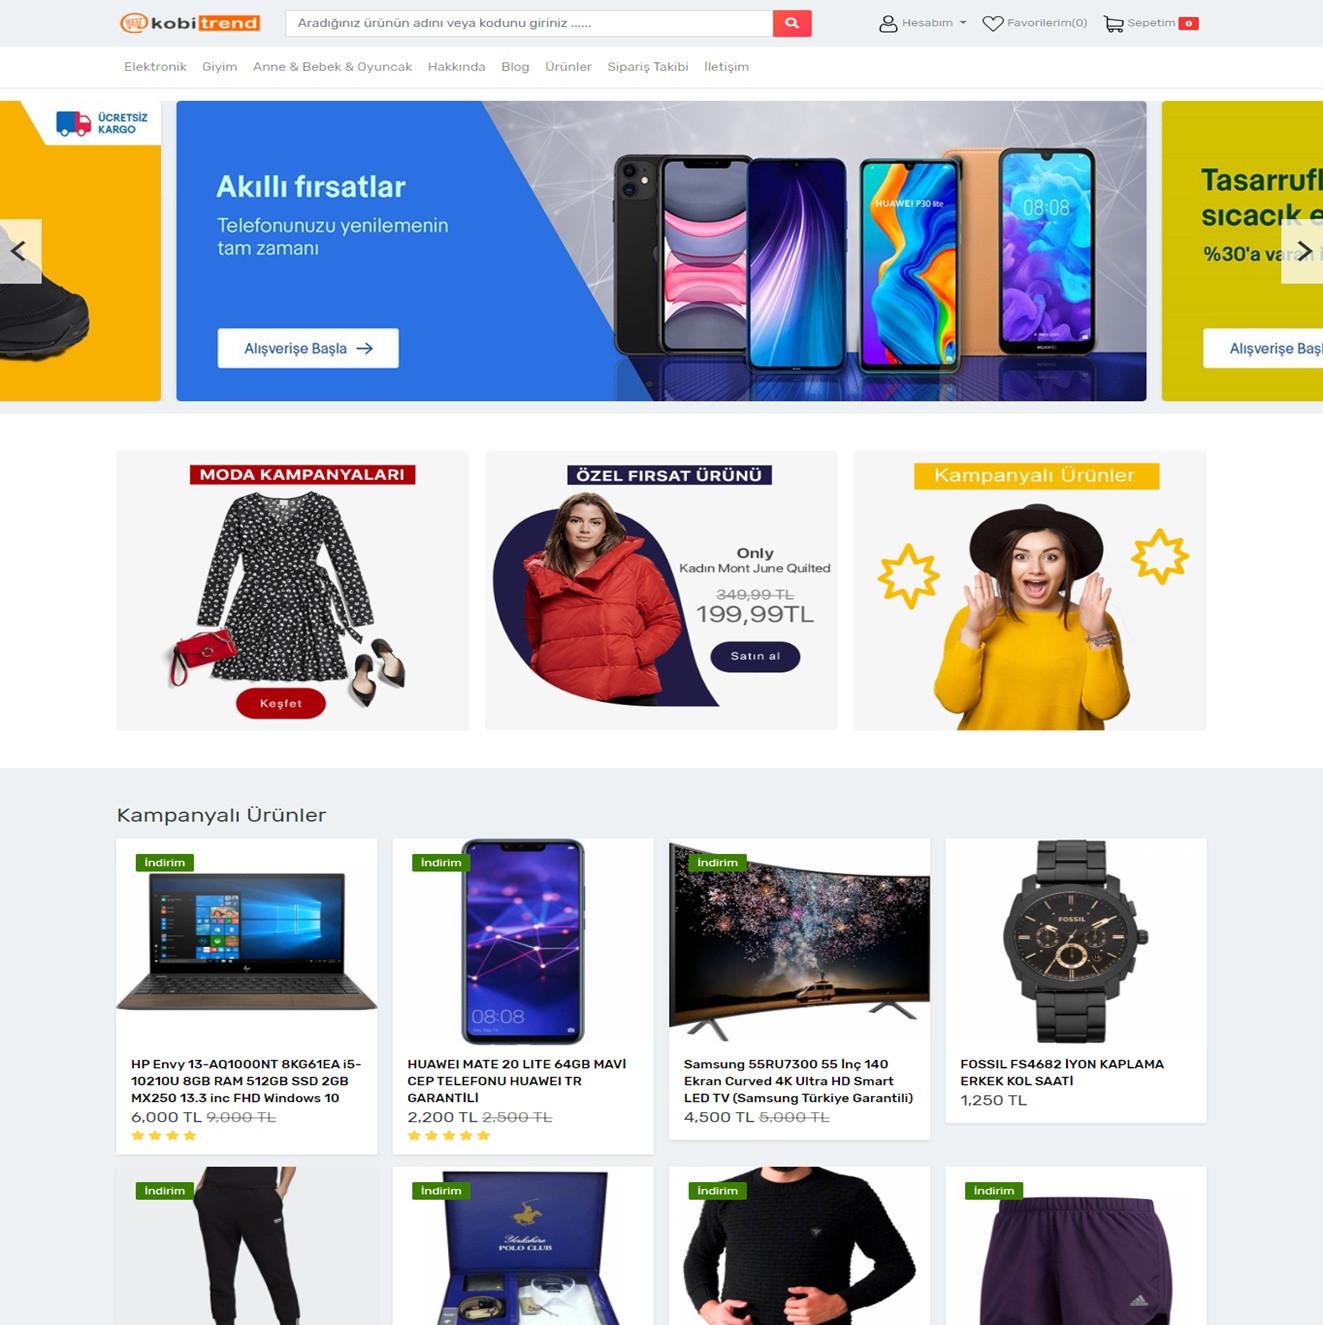 Giyim Kobitrend- Tüm Sektörlerle uyumlu